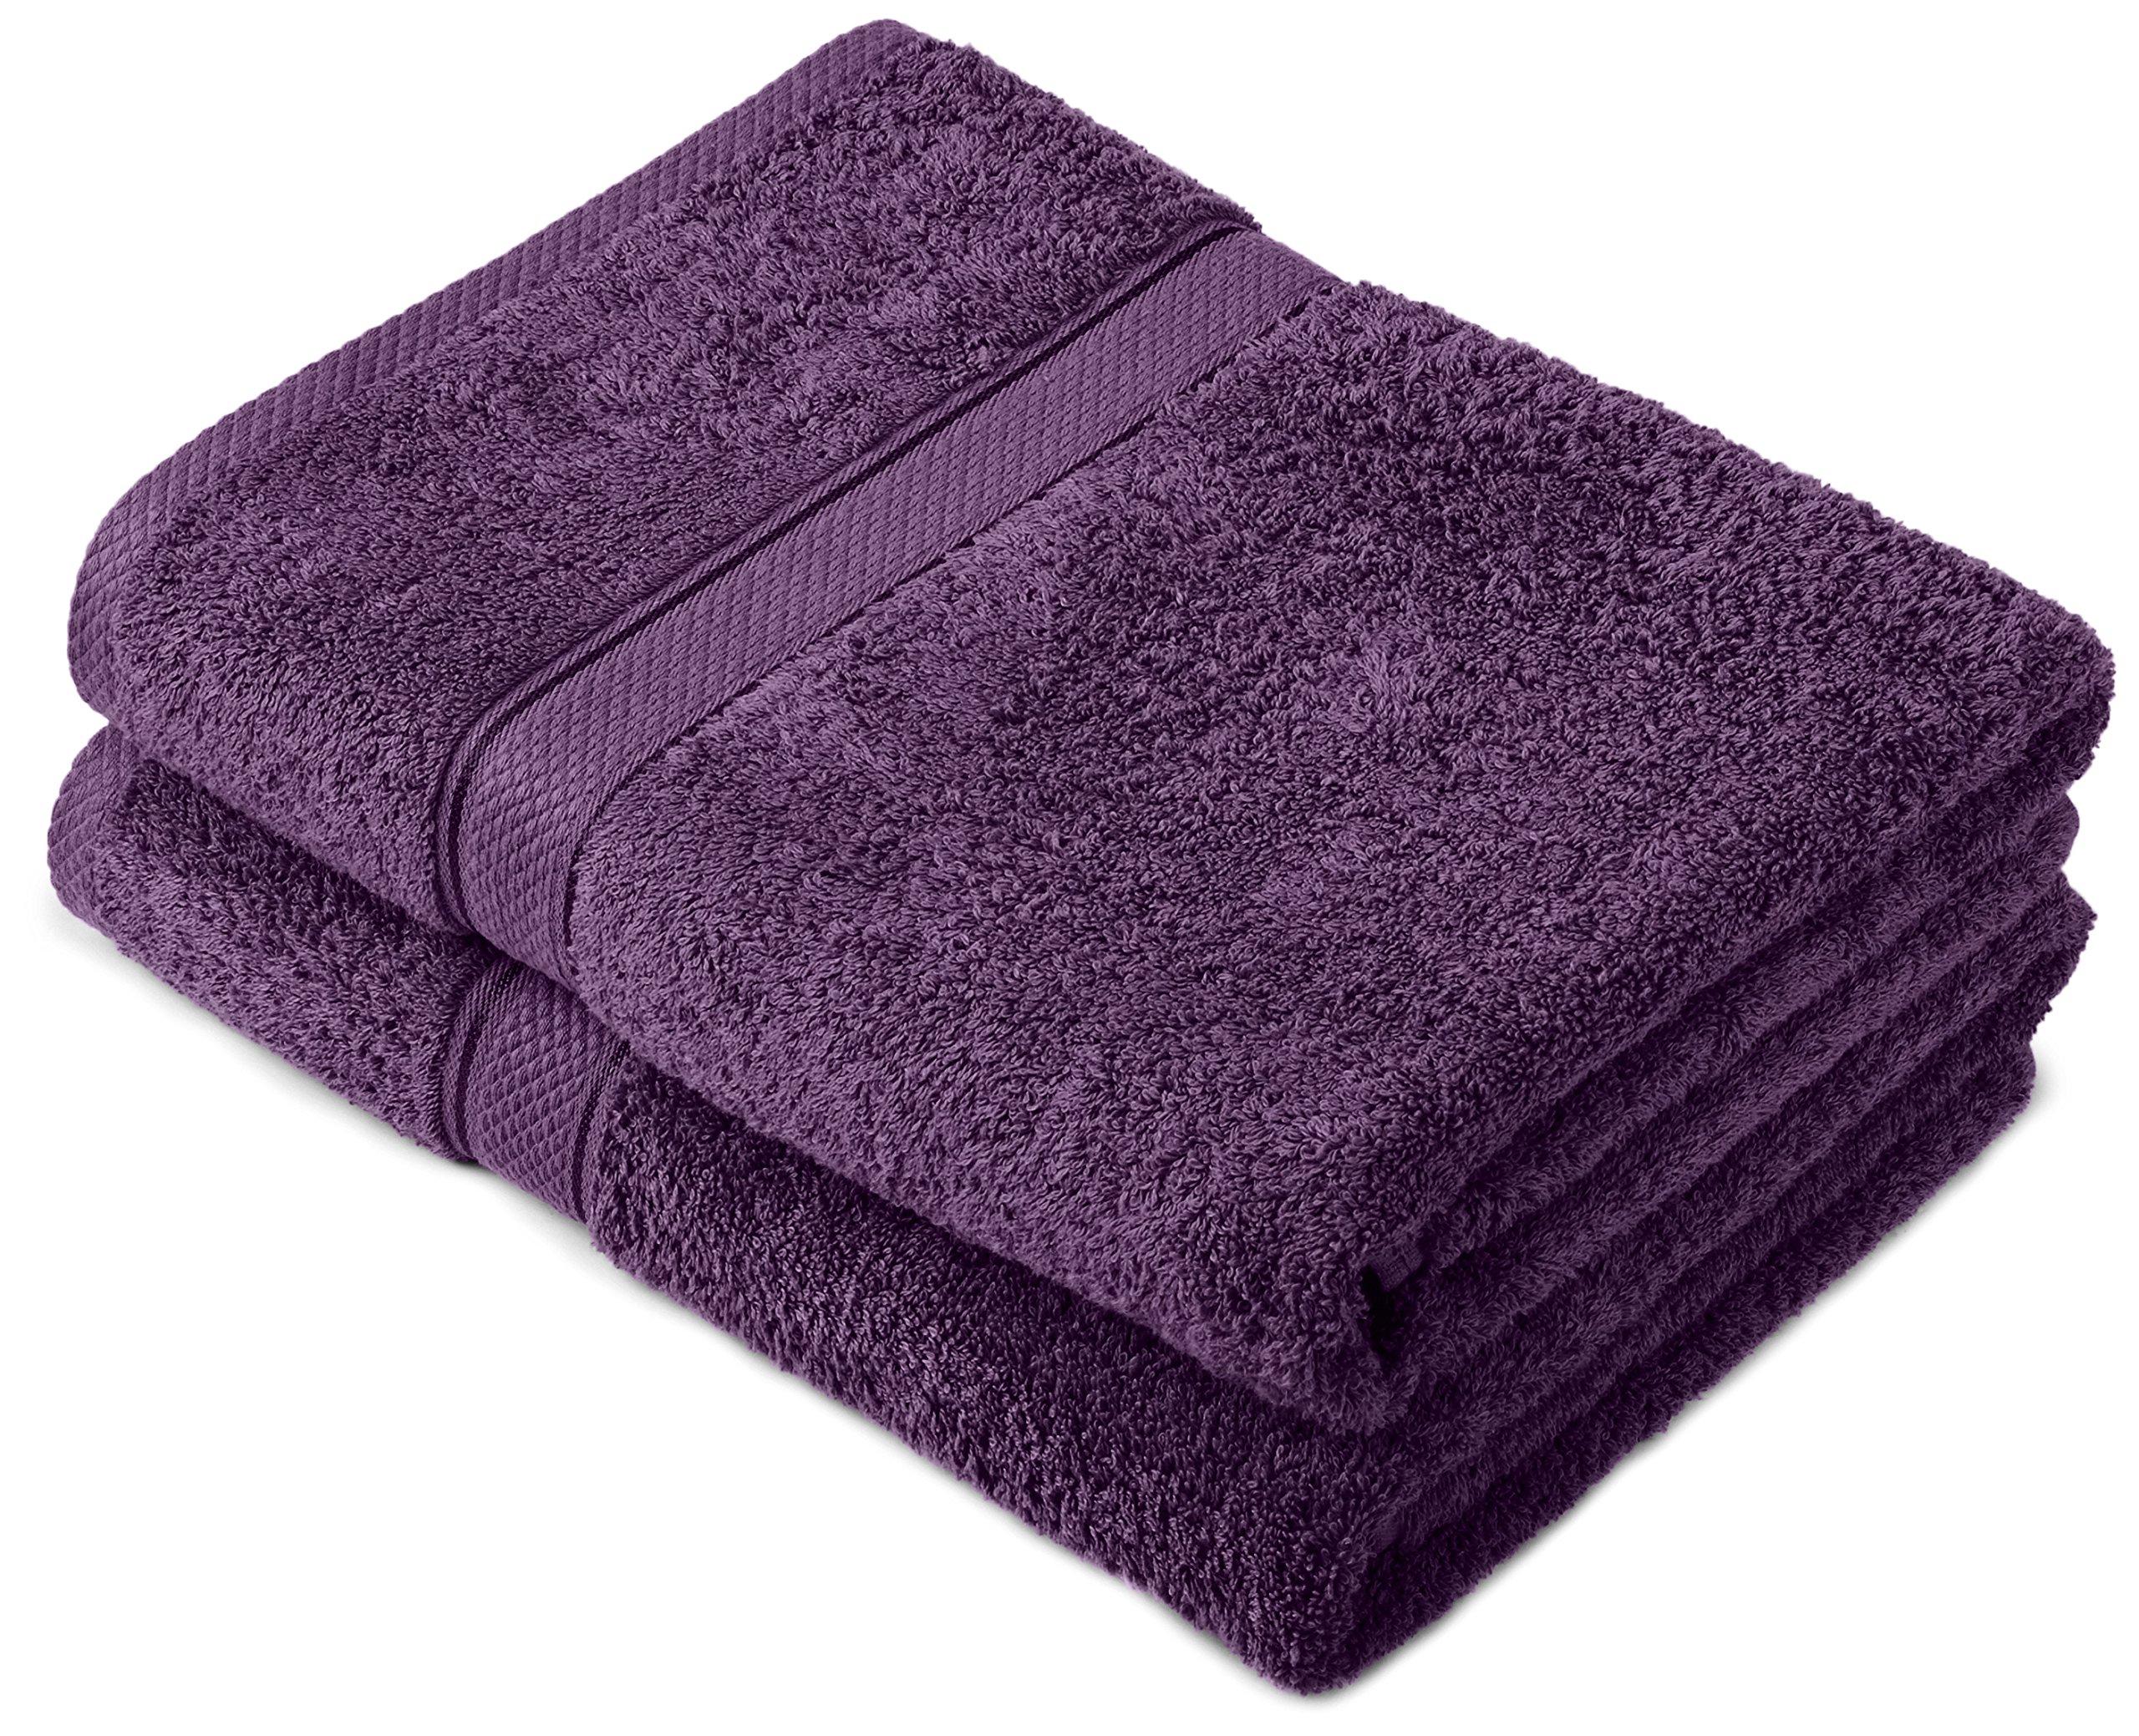 Pinzon by Amazon - Juego de toallas de algodón egipcio (2 toallas de baño), color morado product image